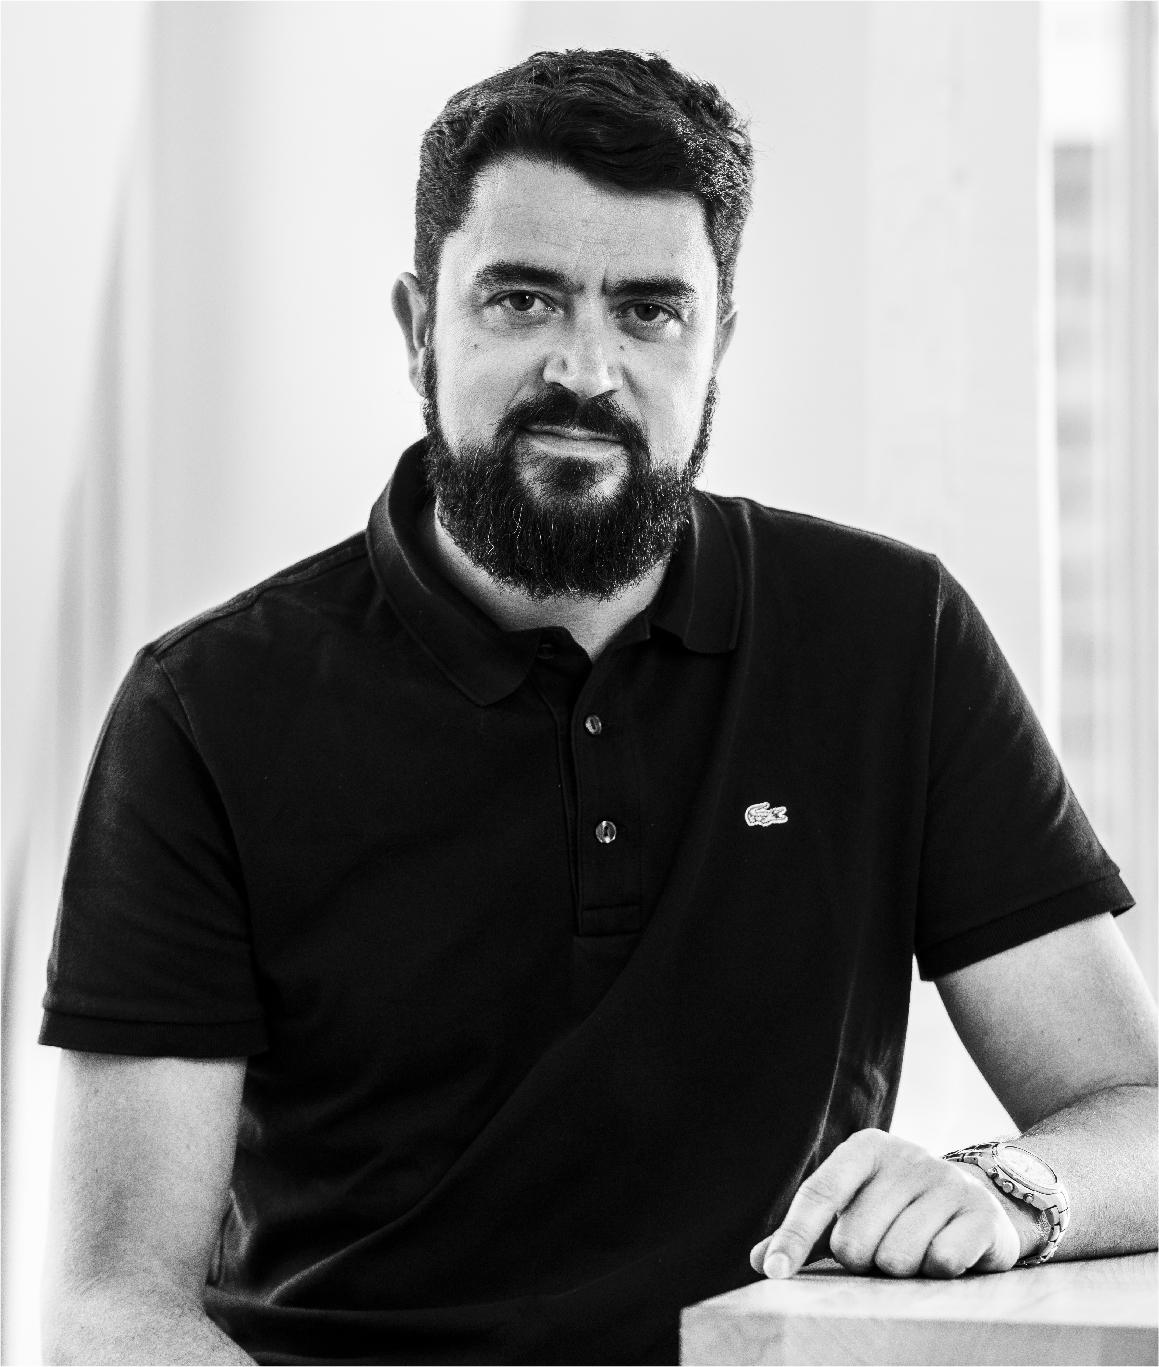 Jean-Paul Sousa, fondateur agence communication Thalamus Paris